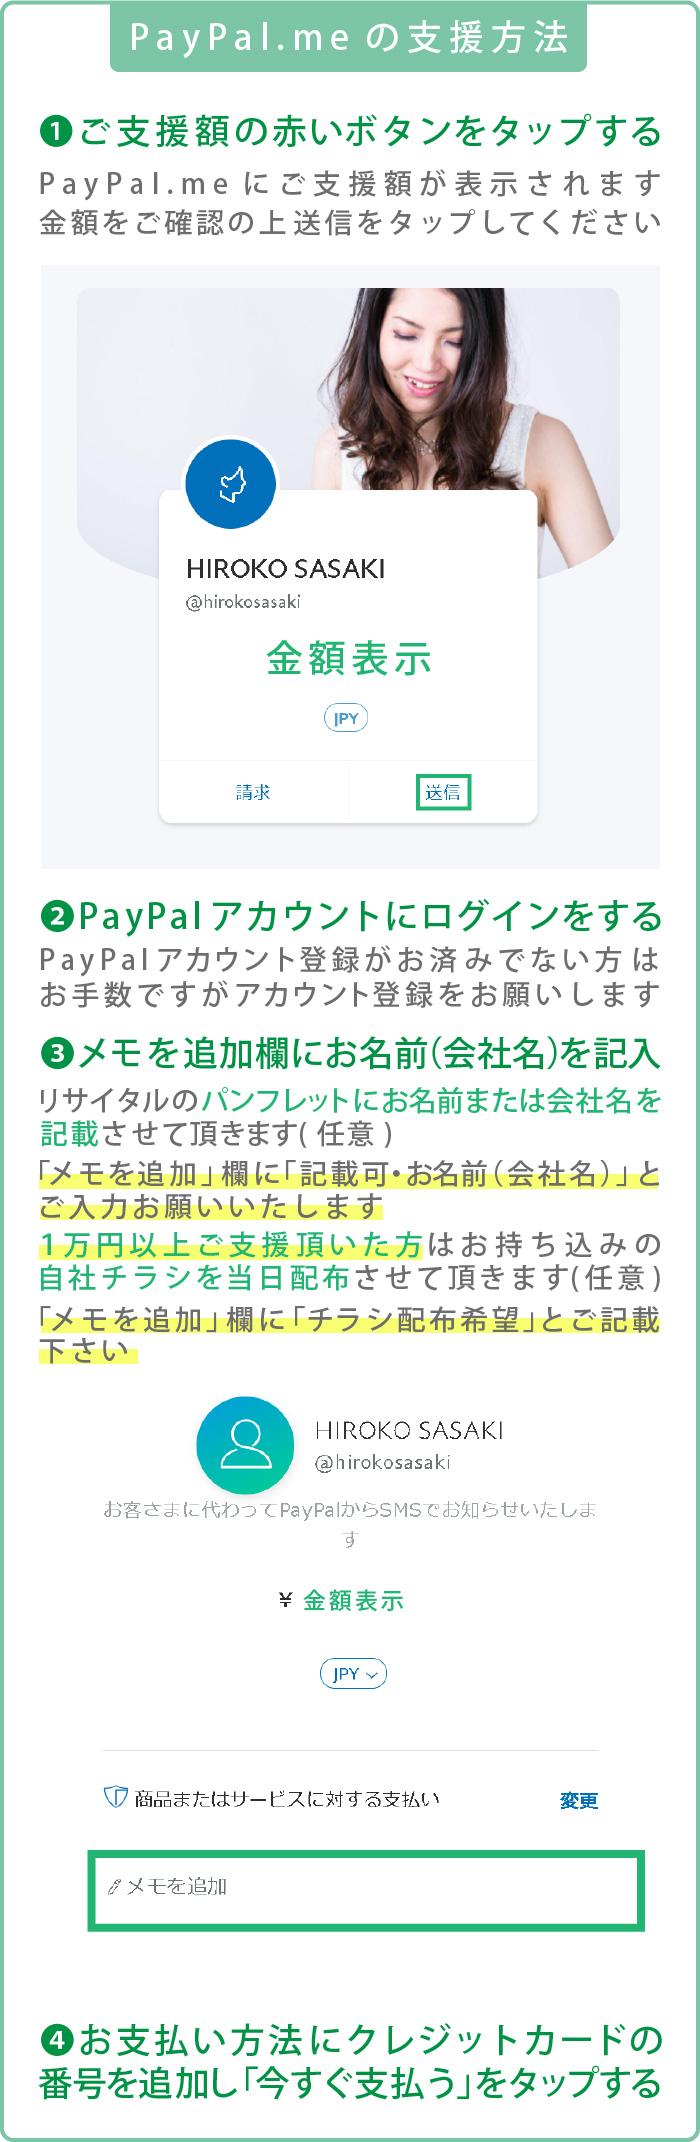 PayPal.meの支援方法 1,ご支援額の赤いボタンをタップする PayPal.meにご支援額が表示されます金額をご確認の上送信をタップしてください 2.PayPalアカウントにログインをする PayPalアカウント登録がお済みでない方はお手数ですがアカウント登録をお願いします 3.メモを追加欄にお名前(会社名)を記入 リサイタルのパンフレットにお名前または会社名を記載させて頂きます(任意) 「メモを追加」欄に「記載可・お名前(会社名)」とご入力お願いいたします 1万円以上ご支援頂いた方はお持ち込みの 自社チラシを当日配布させて頂きます「メモを追加」欄に「チラシ配布希望」とご記載下さい 4.お支払い方法にクレジットカードの番号を追加し「今すぐ支払う」をタップする